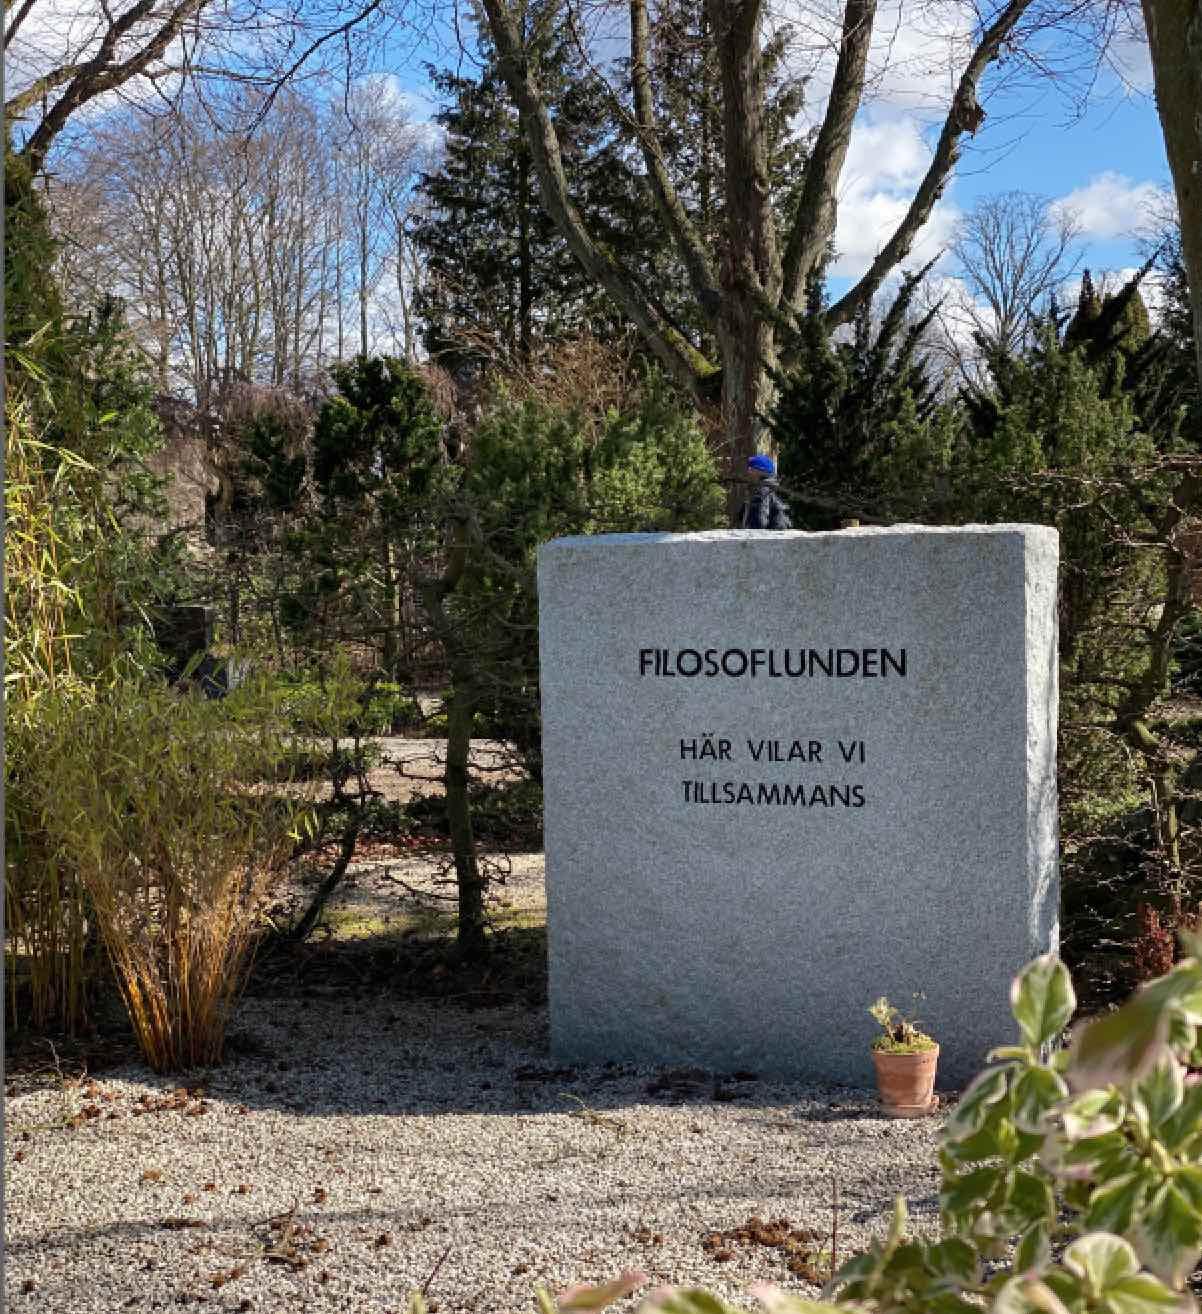 Gravsten - Filosofi, Norra kyrkogården, Lund